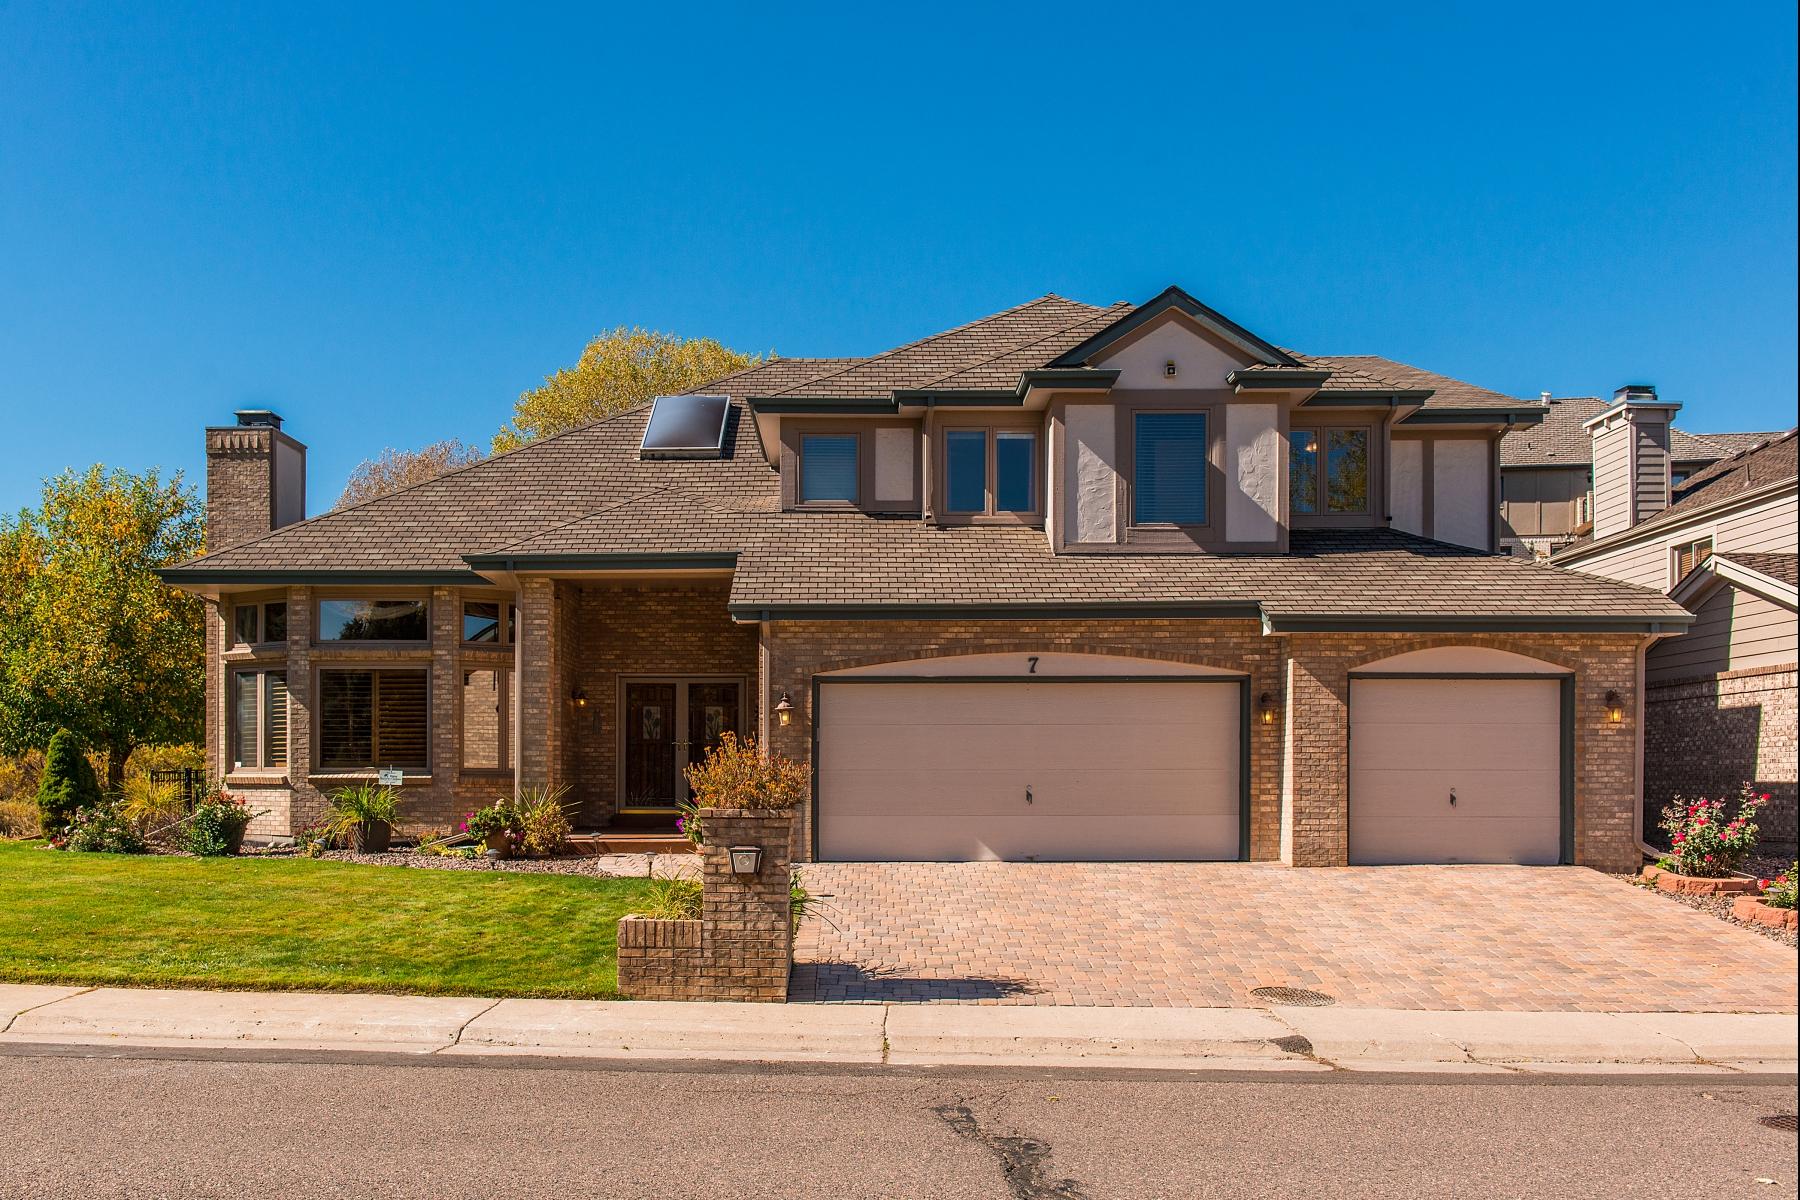 獨棟家庭住宅 為 出售 在 Beautiful Custom Home 7 Mc Intyre Circle Golden, 科羅拉多州 80401 美國